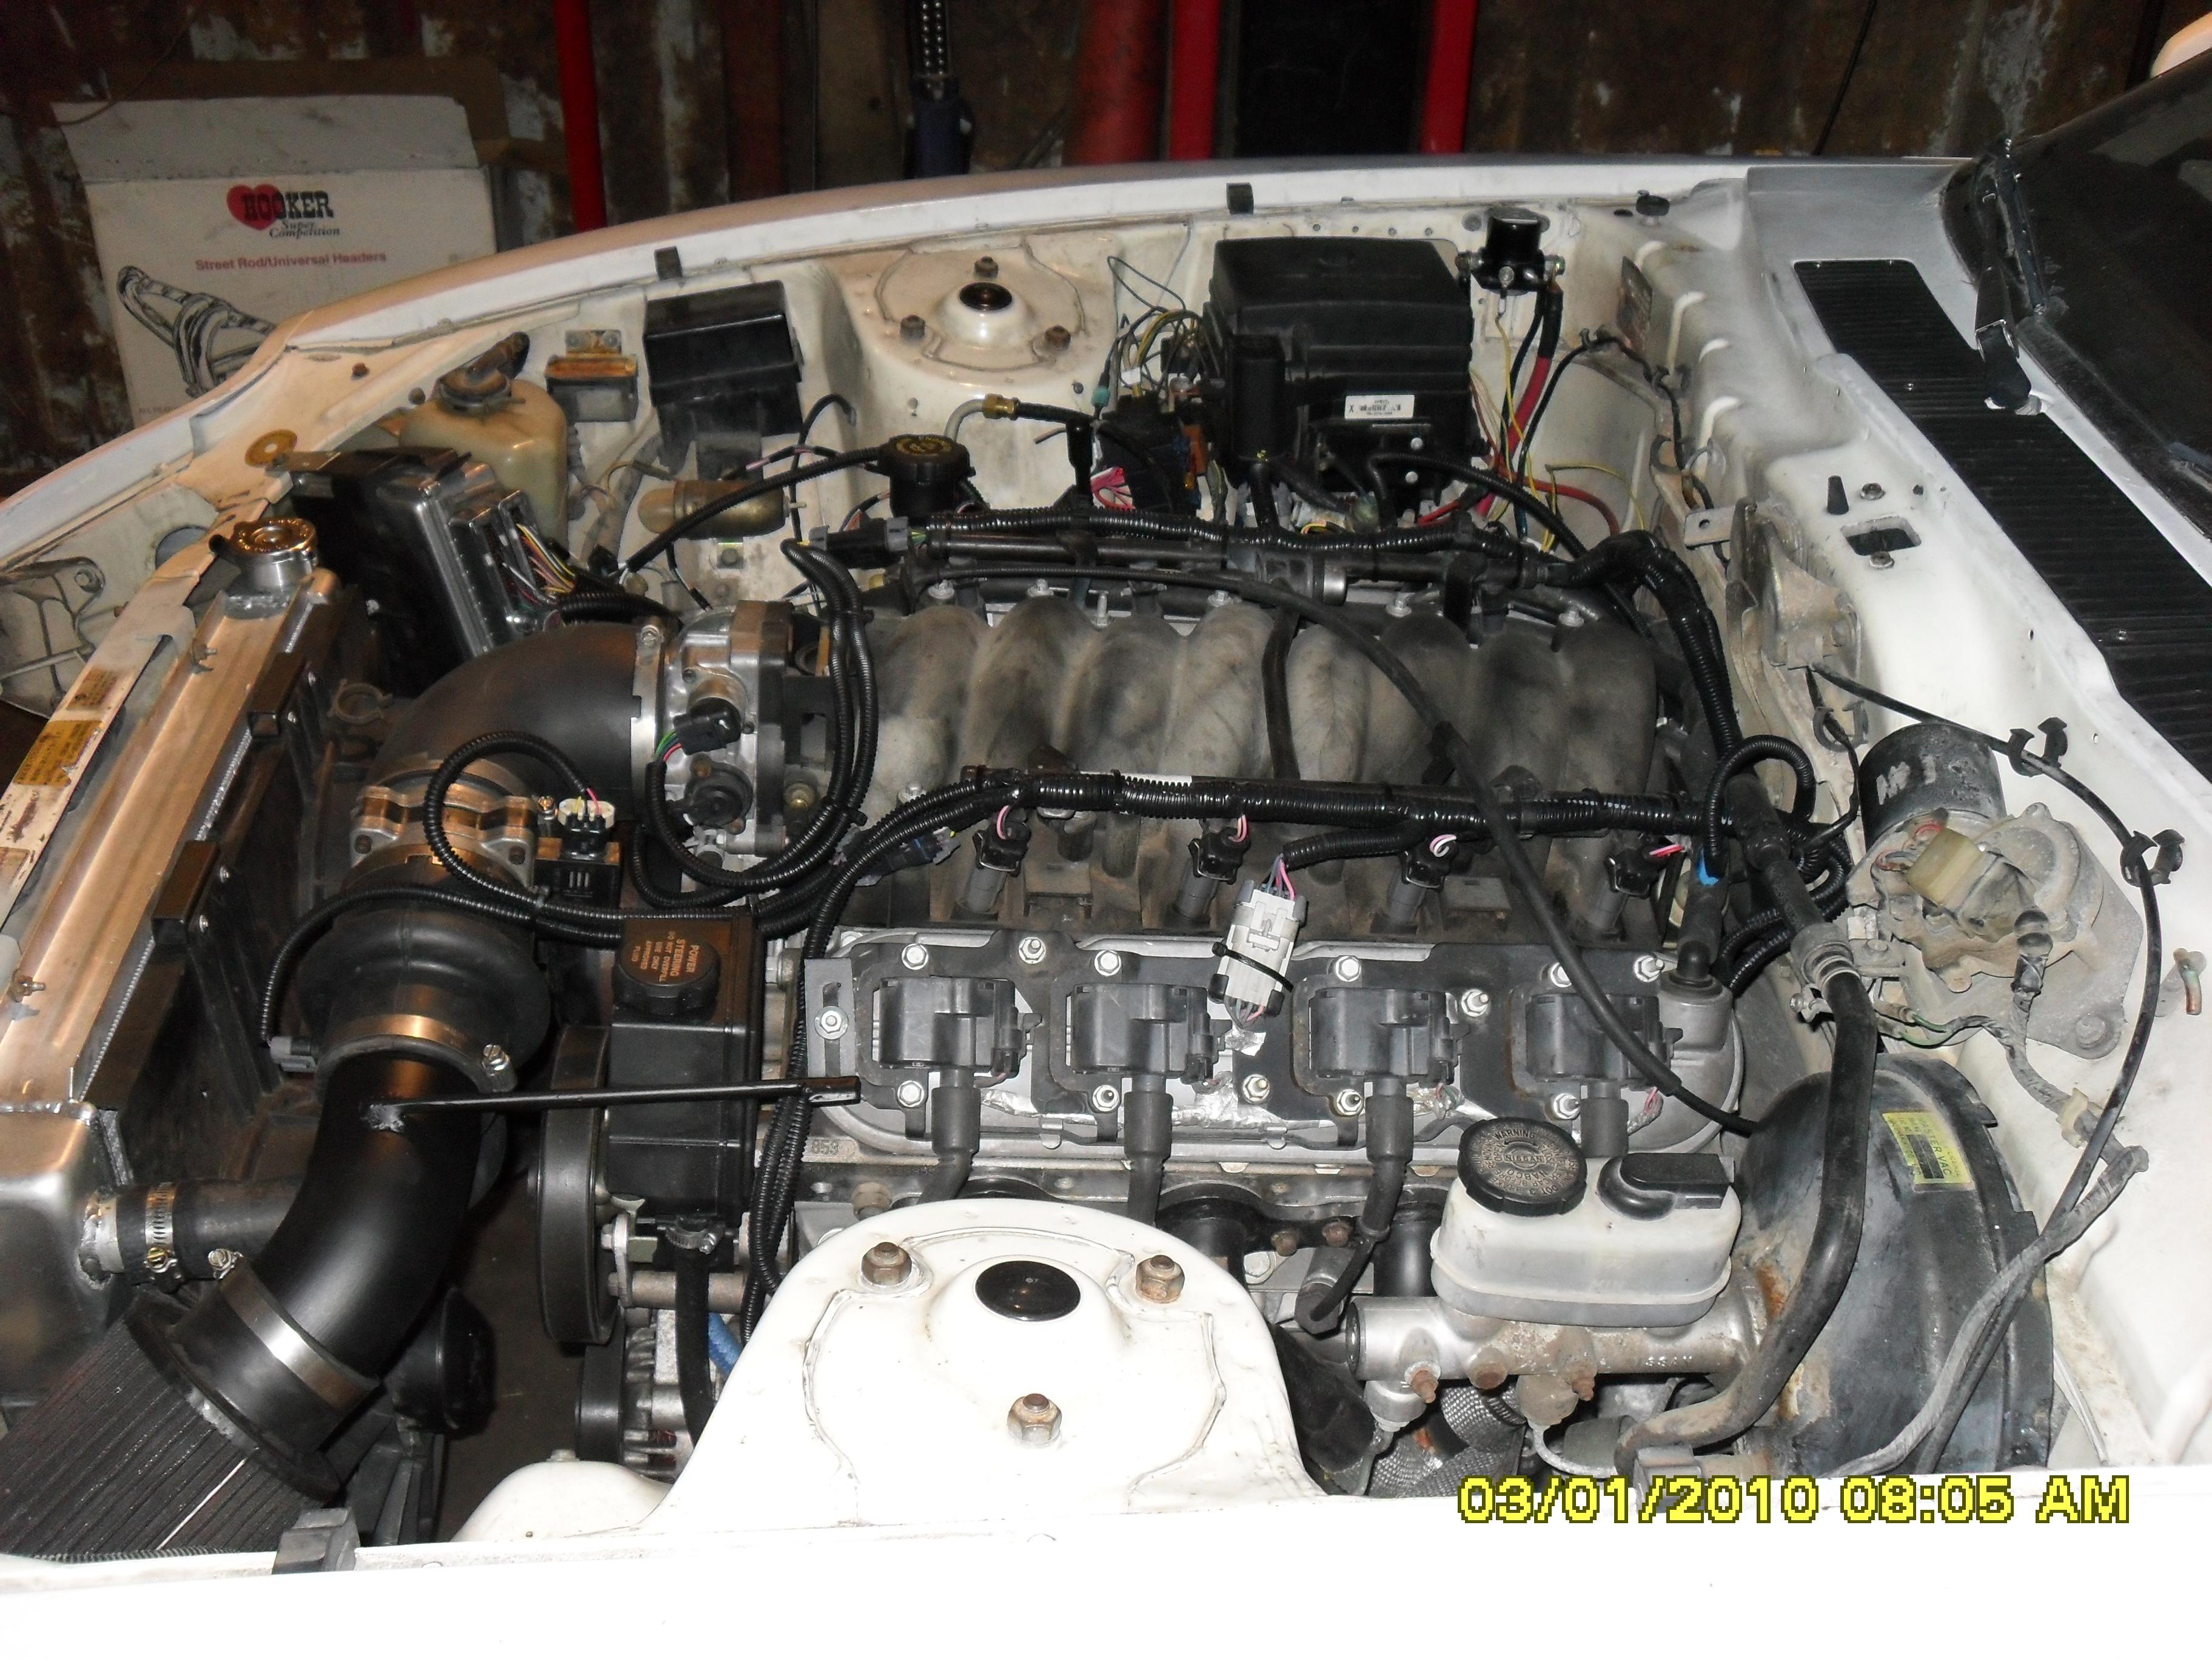 ls1 280zx - S130 Series - 280ZX - HybridZ